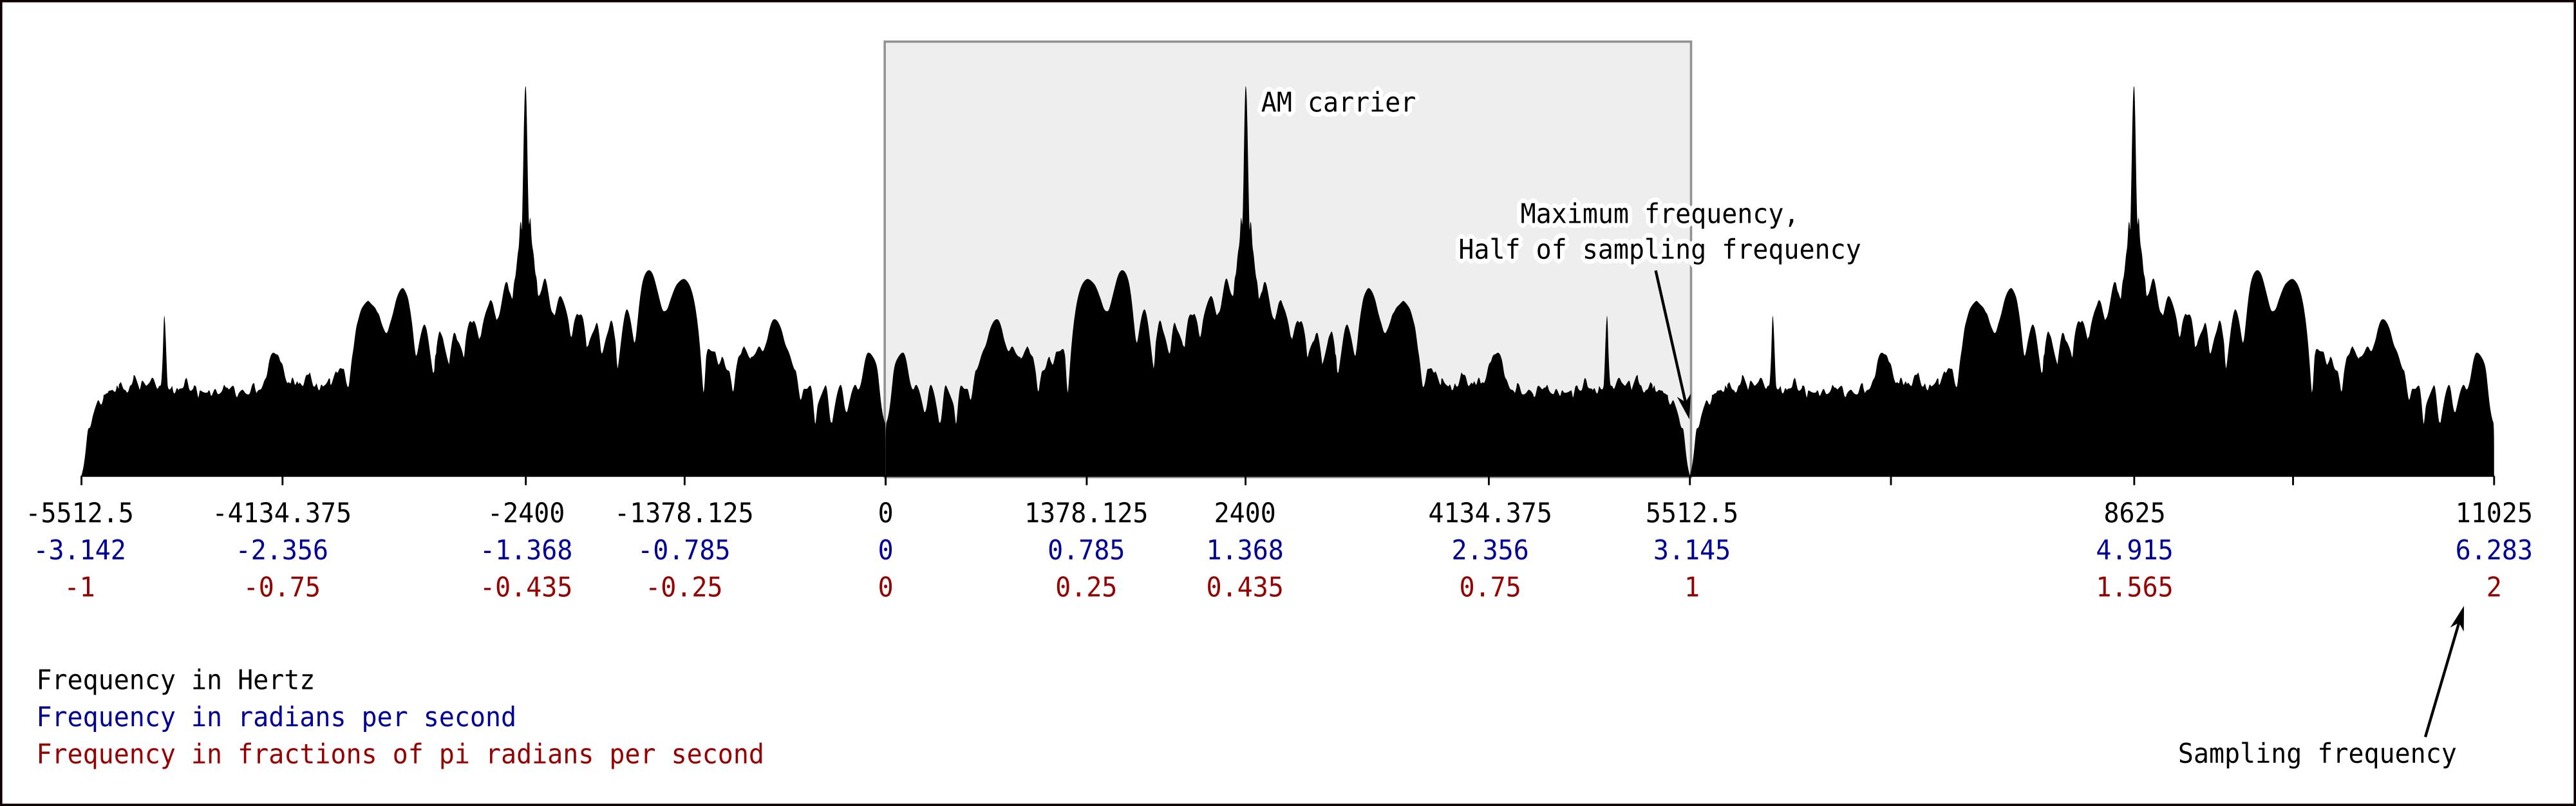 Frequency unit comparison